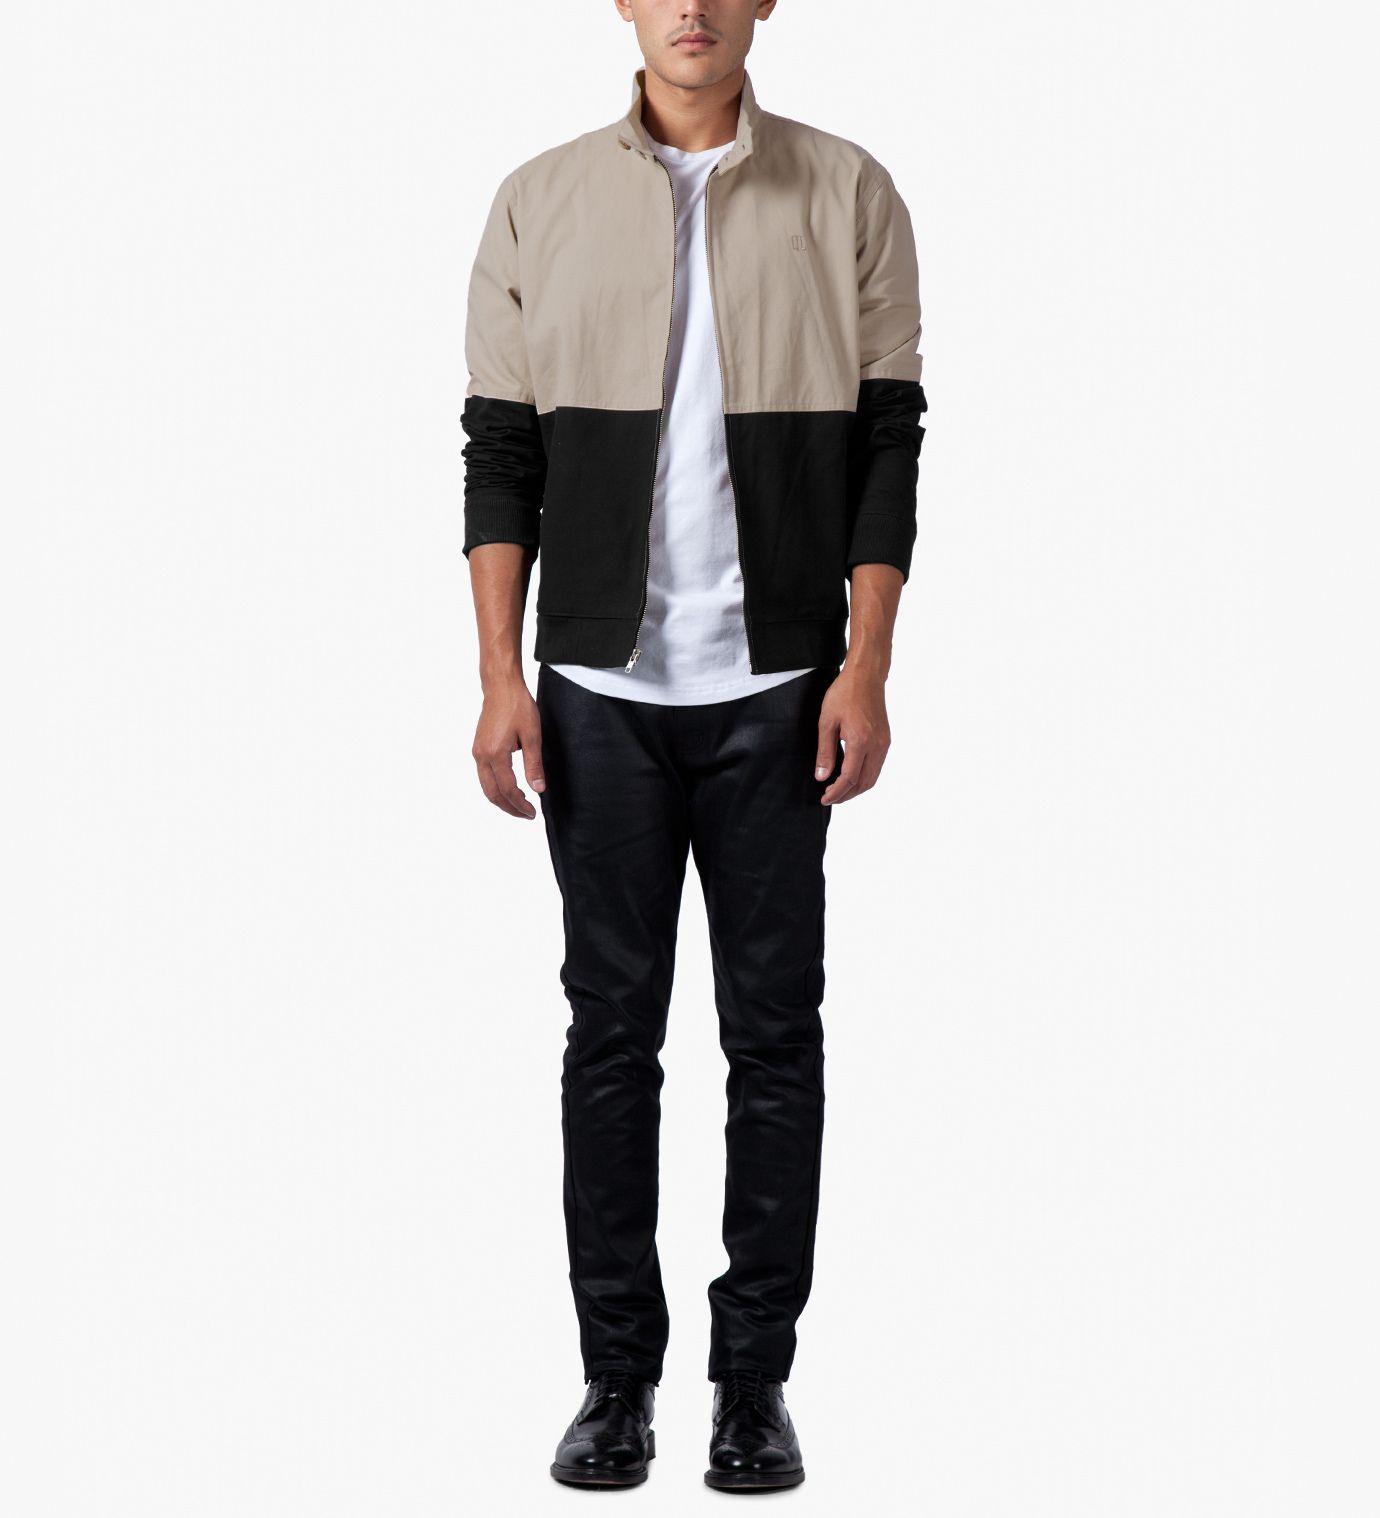 Tan/Black Harrington Coach Jacket